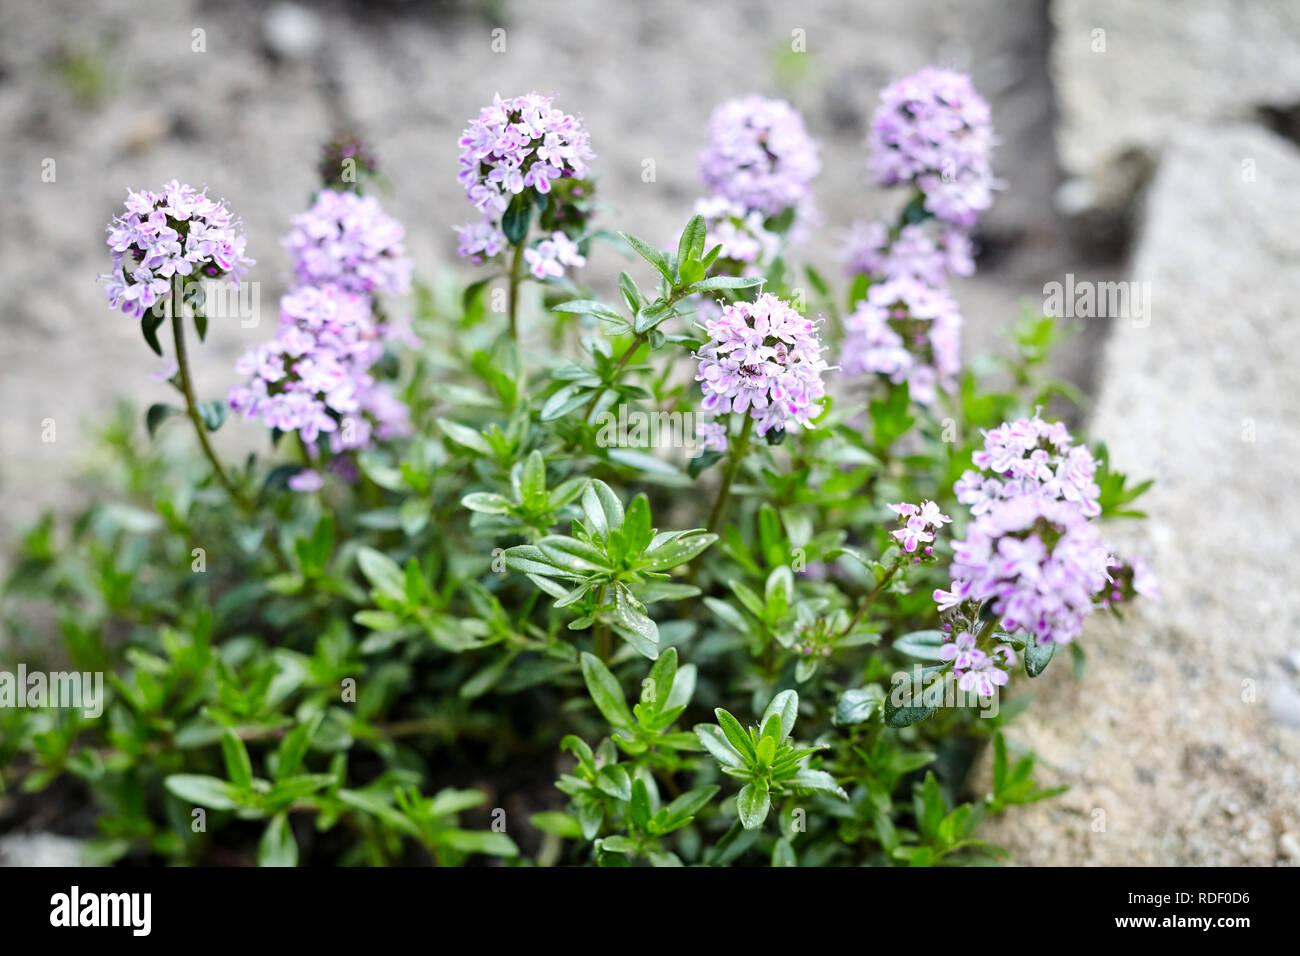 Thym Floraison Pourpre Avec Bush Fleurs En Croissance A L Exterieur